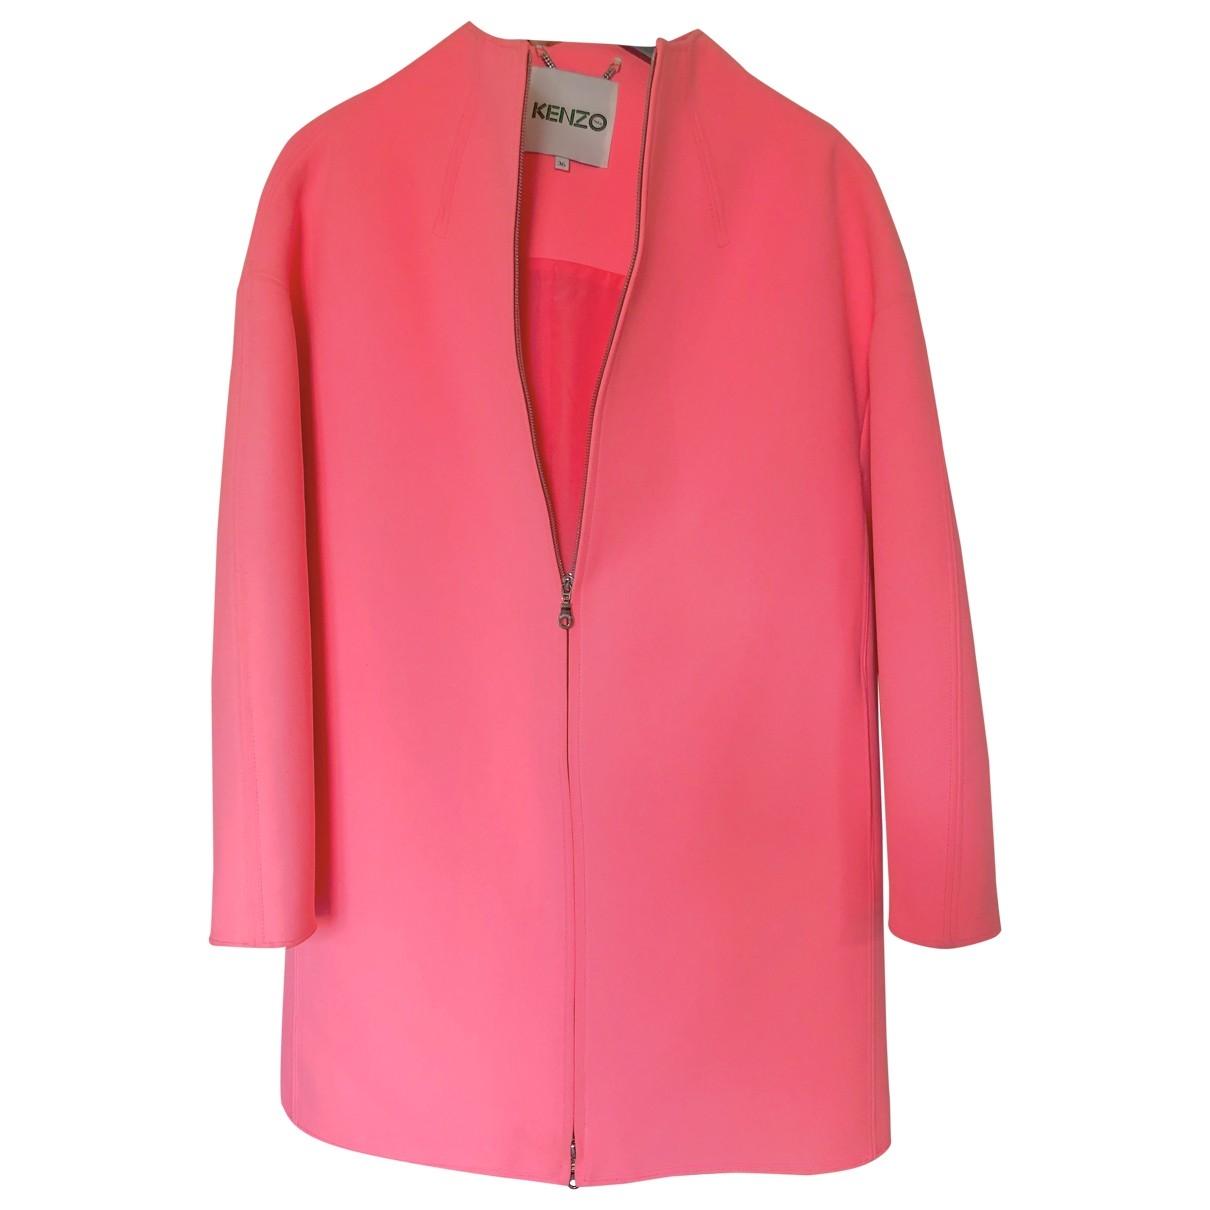 Kenzo - Manteau   pour femme - rose